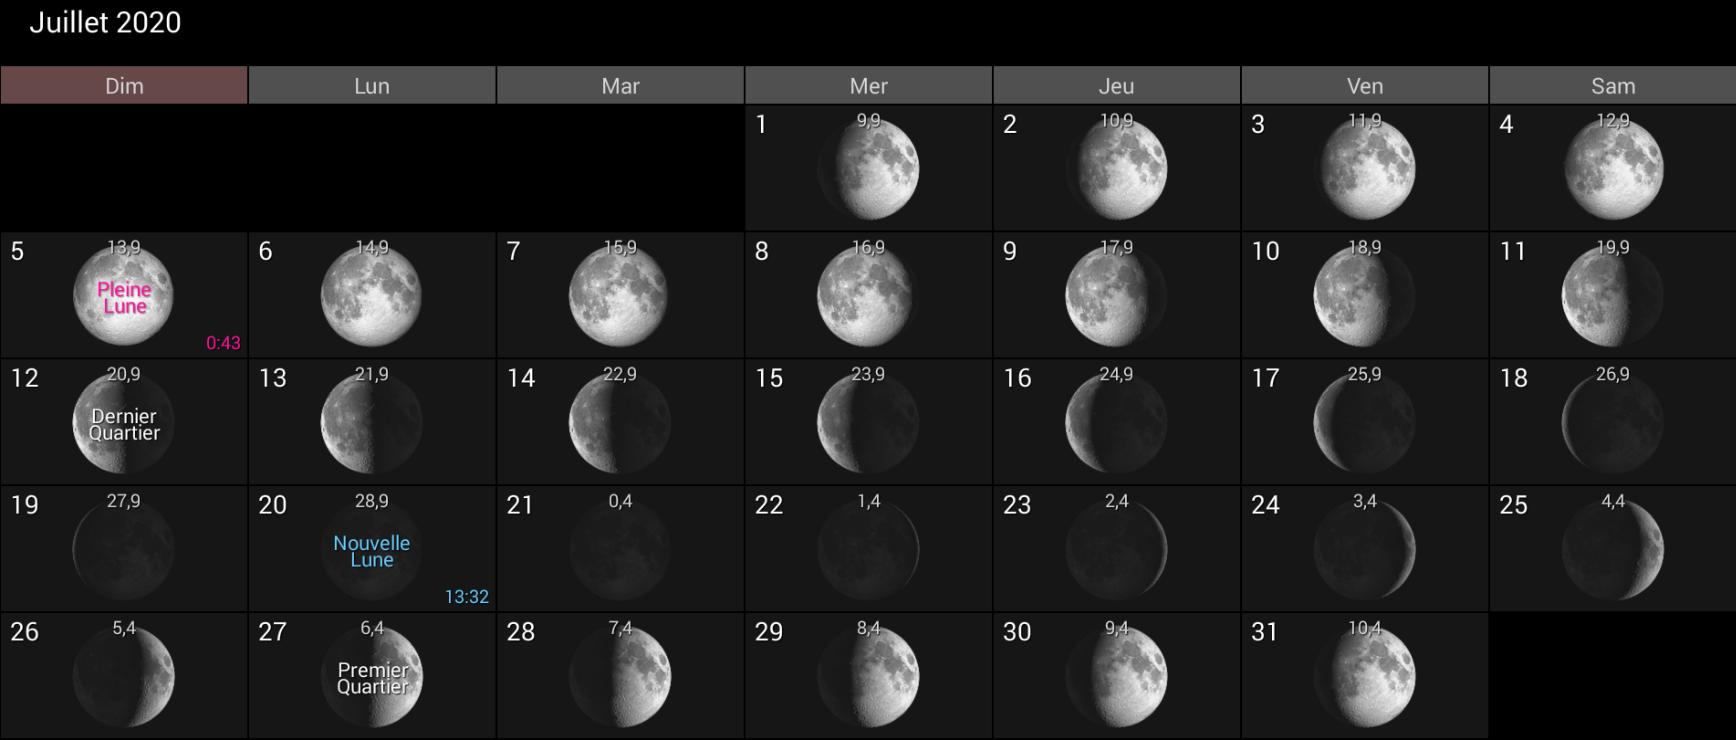 Les phases de la Lune pour de juillet 2020